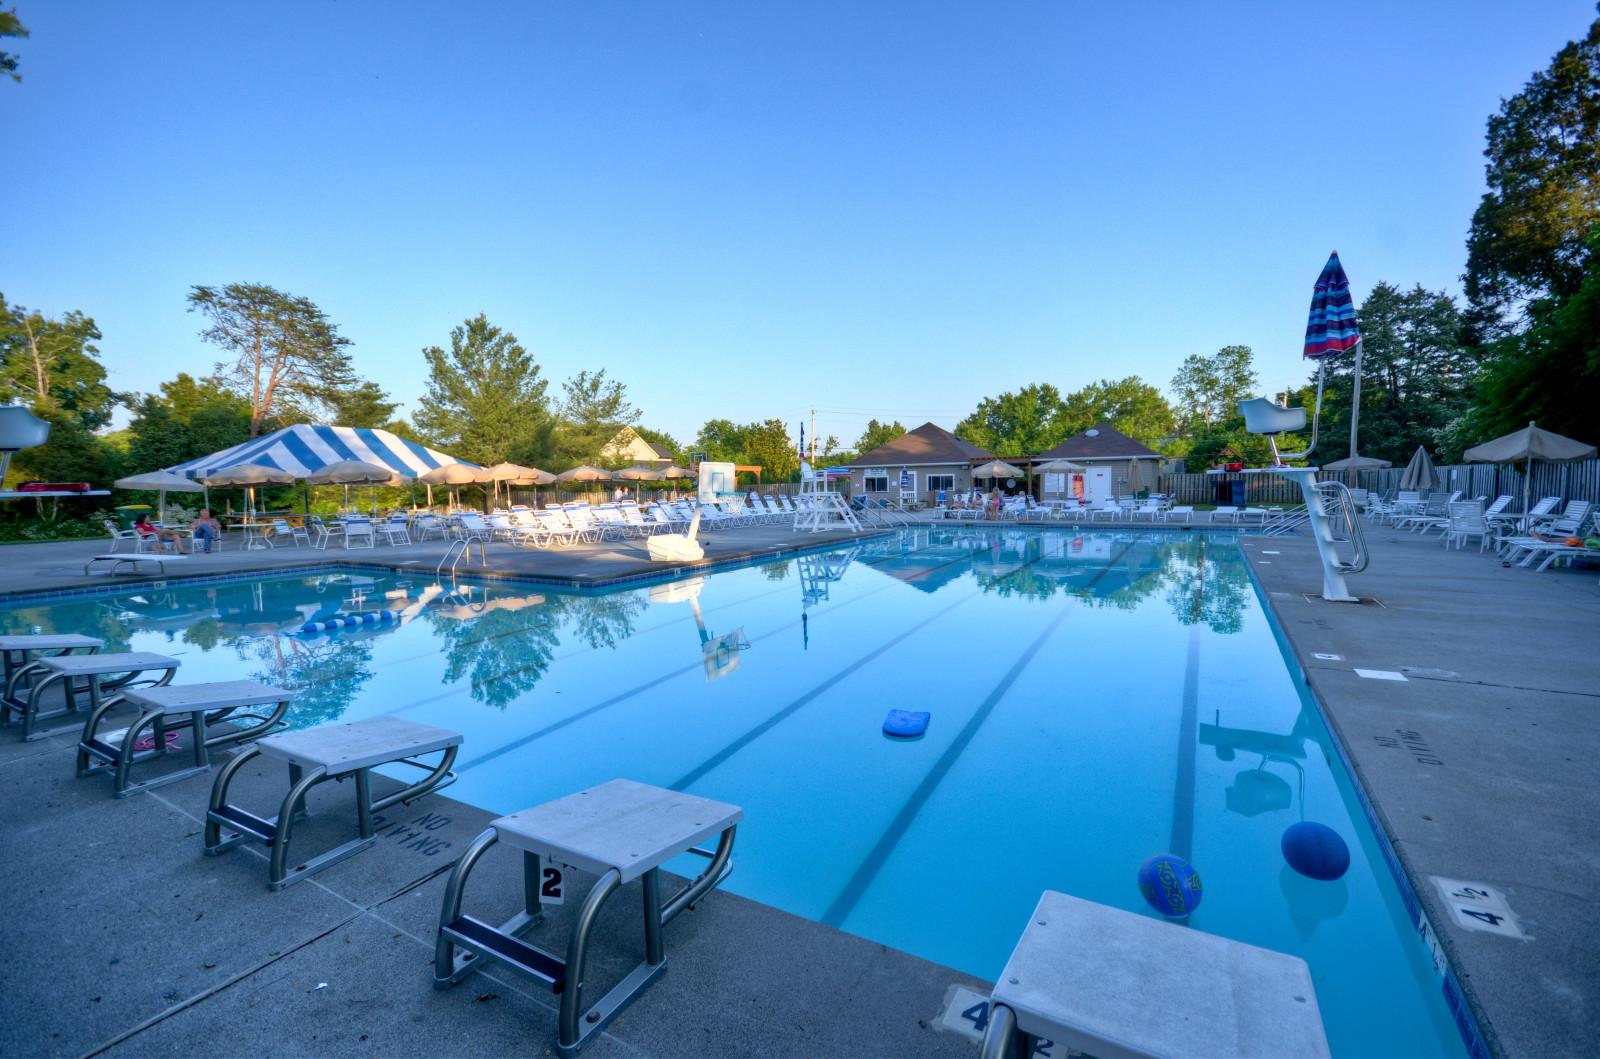 Benington Pool